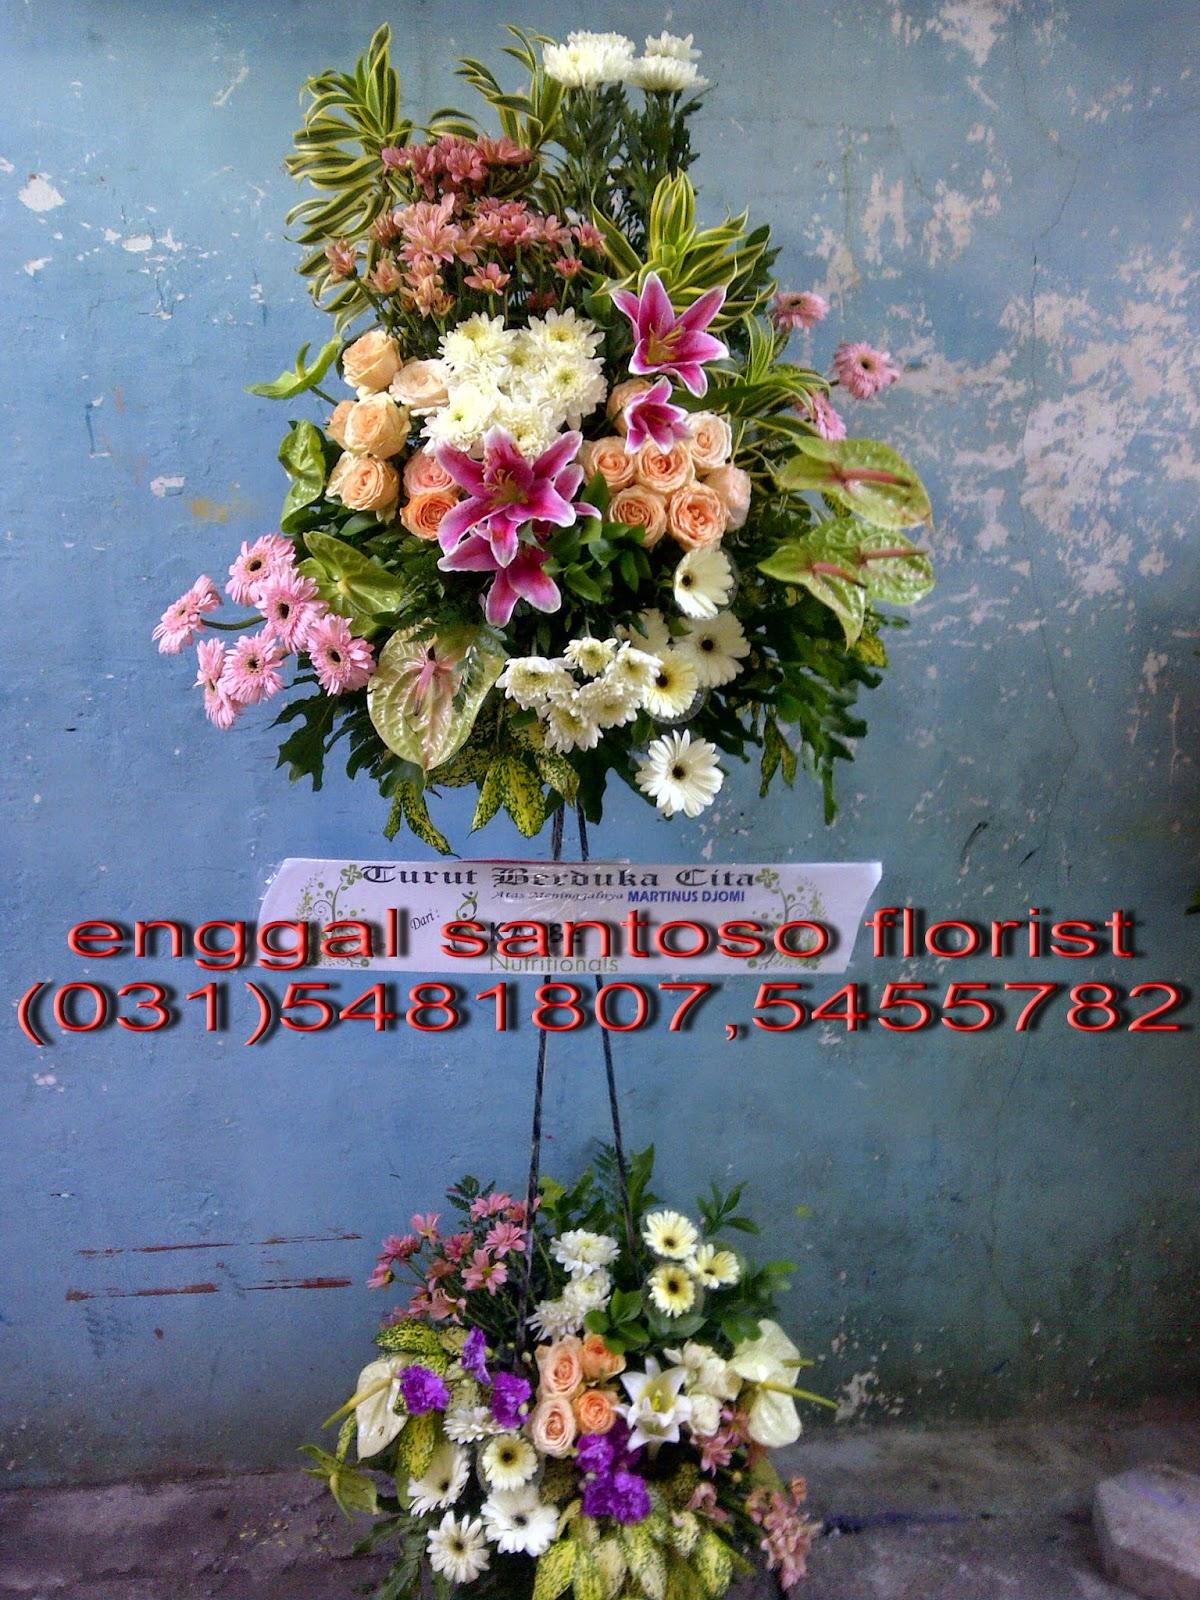 toko rangkaian karangan bunga standing surabaya